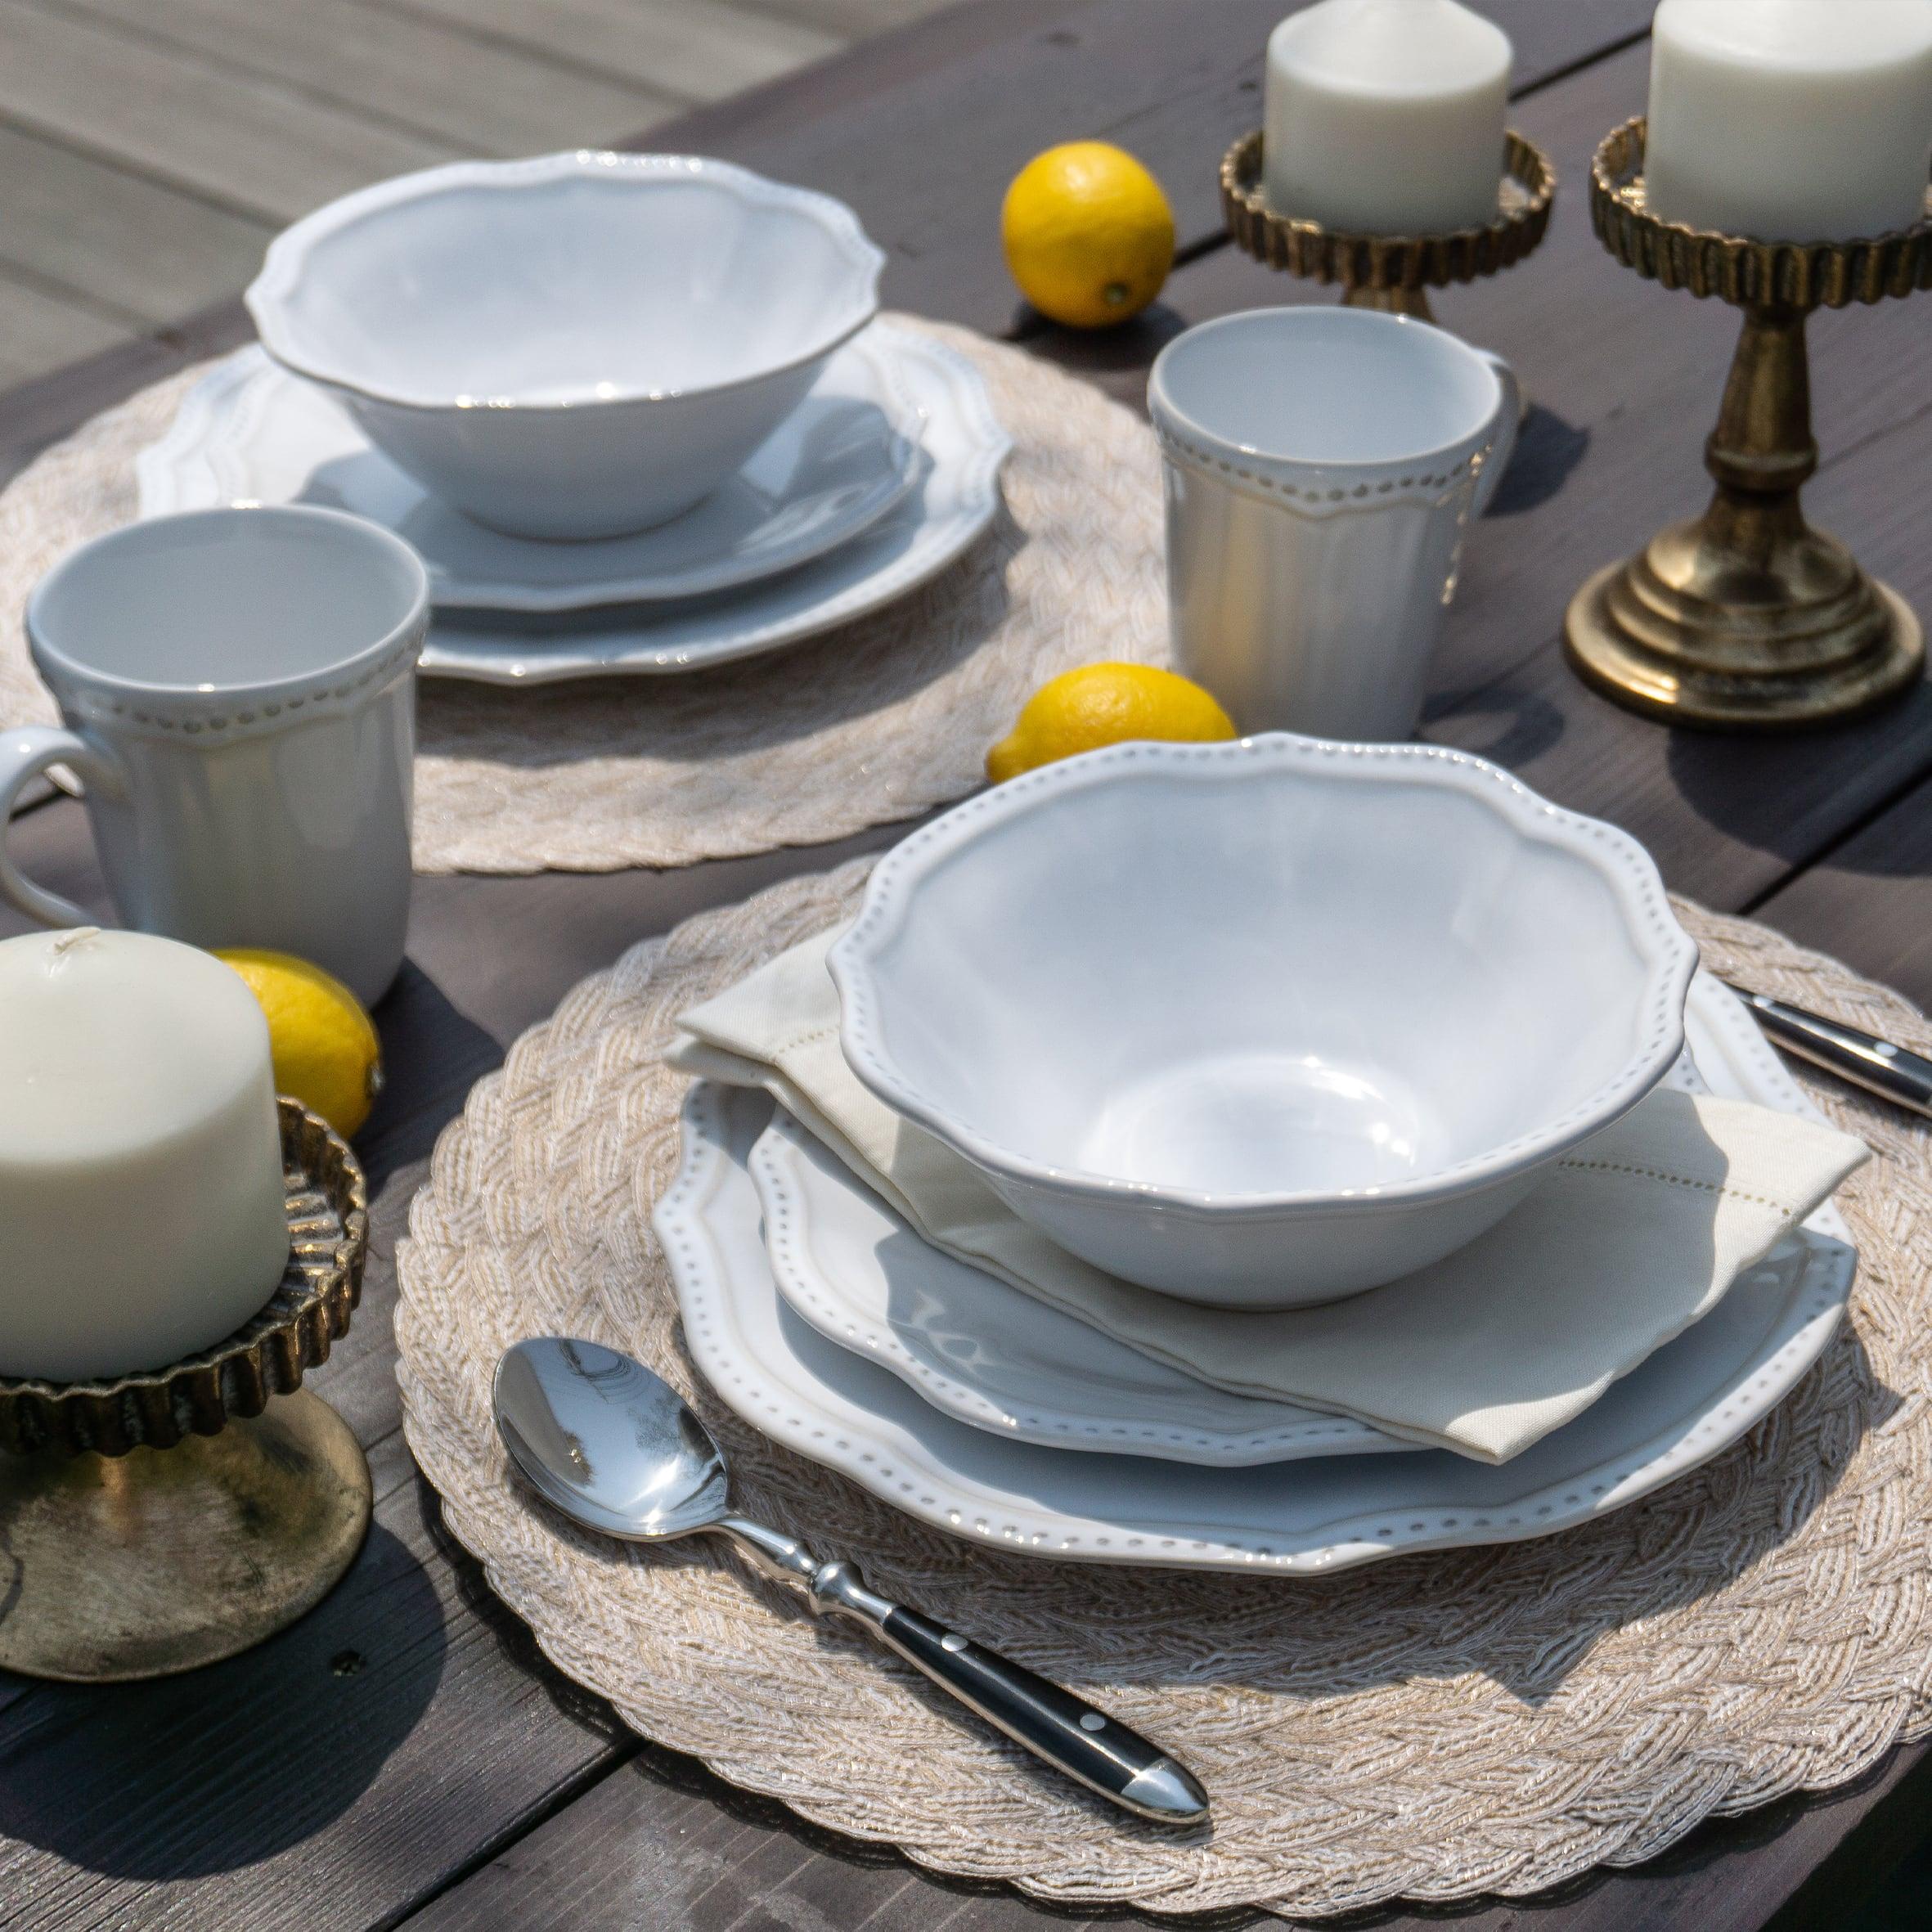 ホワイト レイラディナープレート(Leila Dinner Plate)